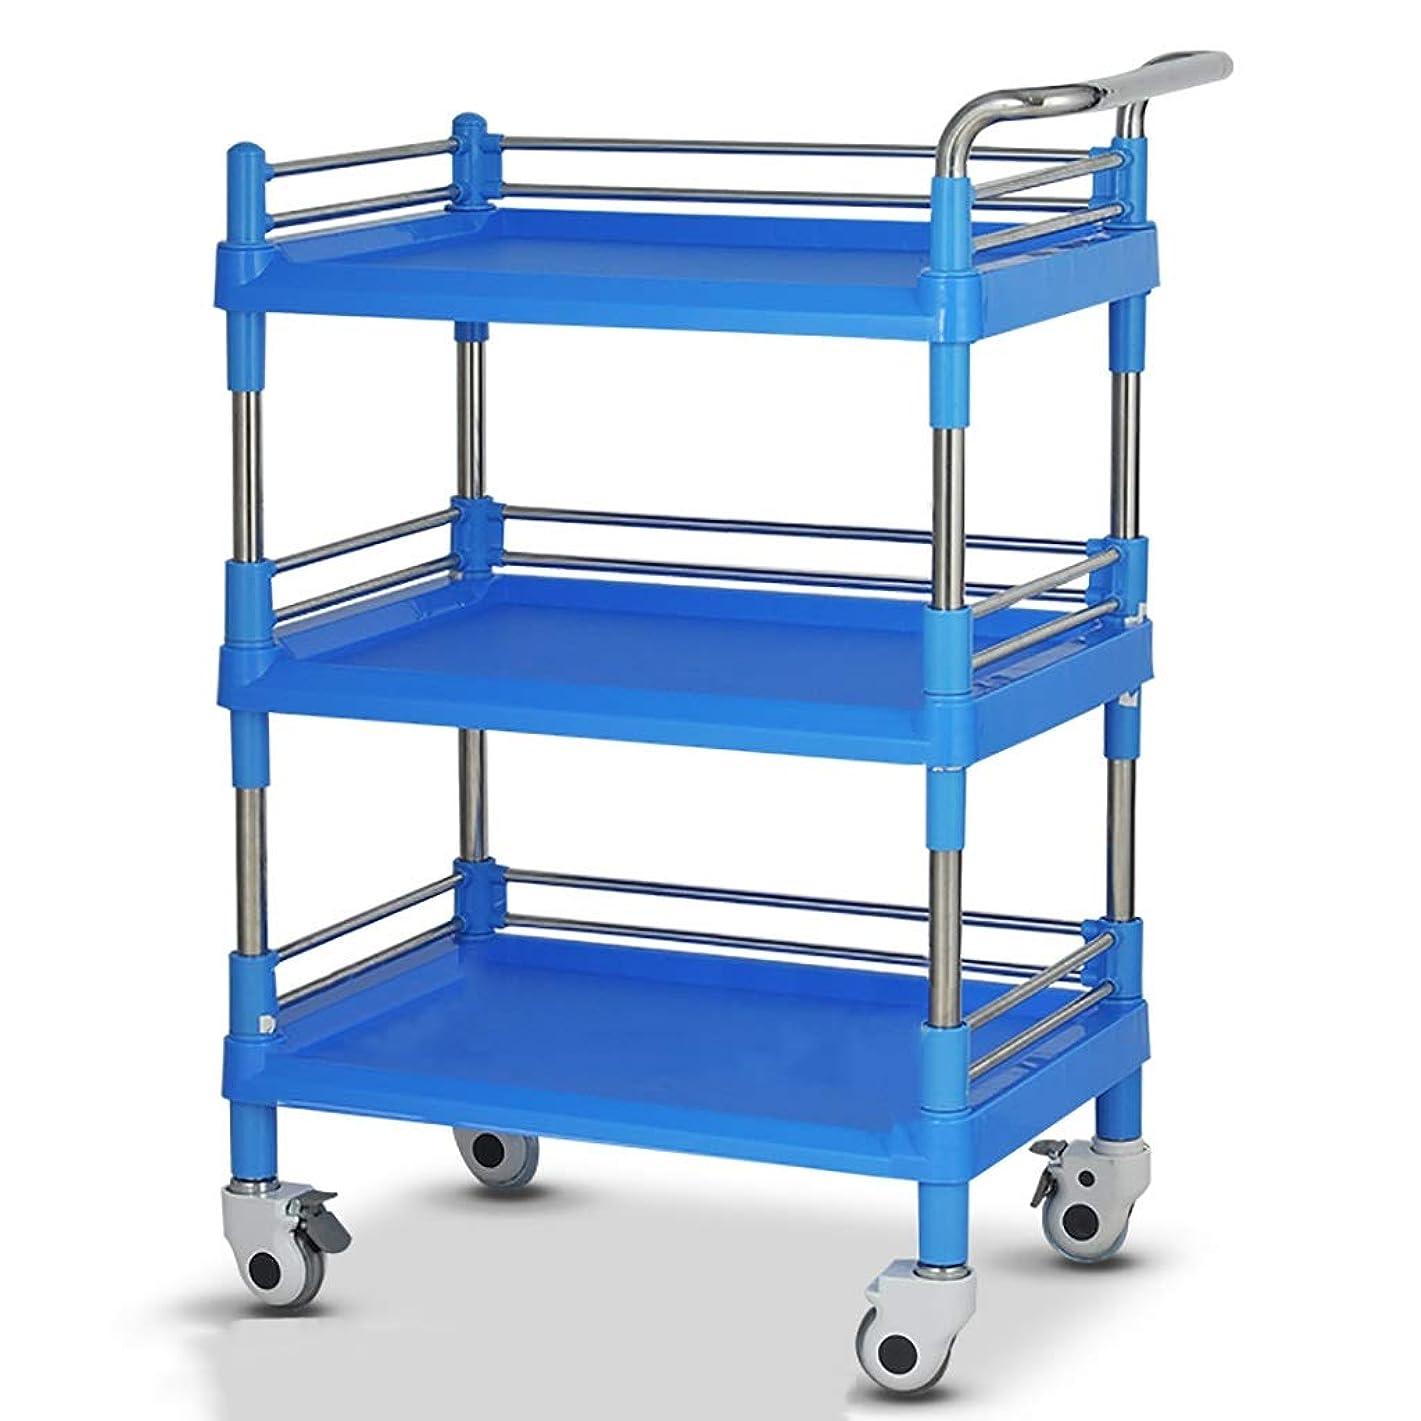 ノベルティ伸ばすロデオ美容院の医学の移動式カート、多機能の器械用具の変更の薬車のプラスチックステンレス鋼の棚 (サイズ さいず : 64.5*44.5*100cm)